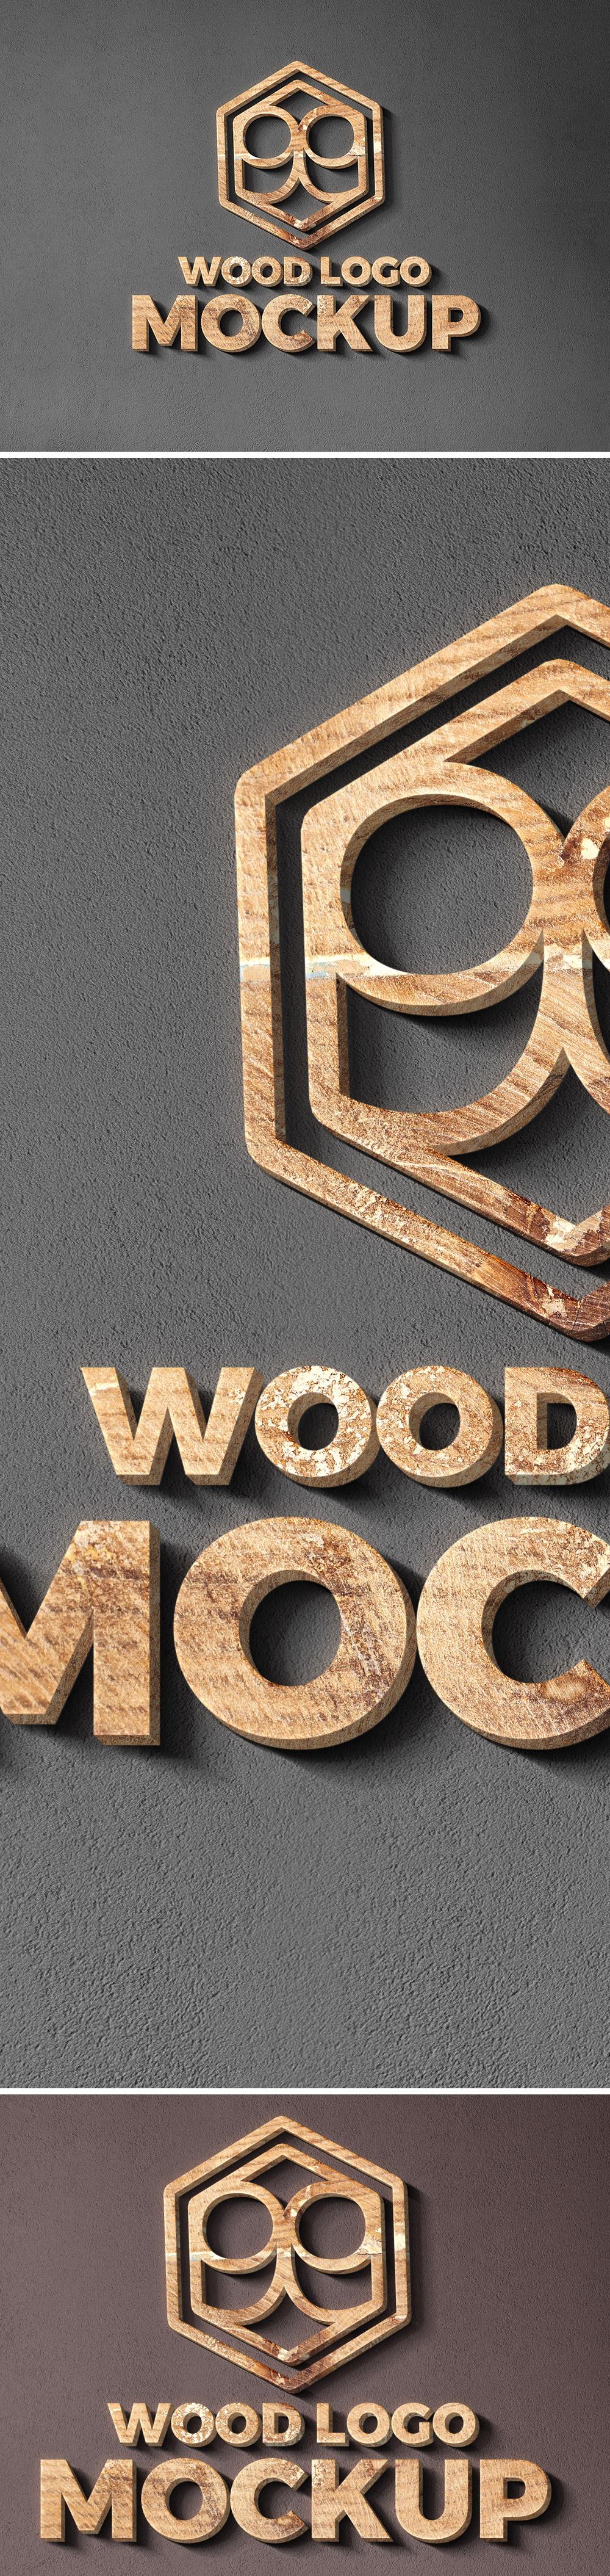 Wood Cut Logo Mockup